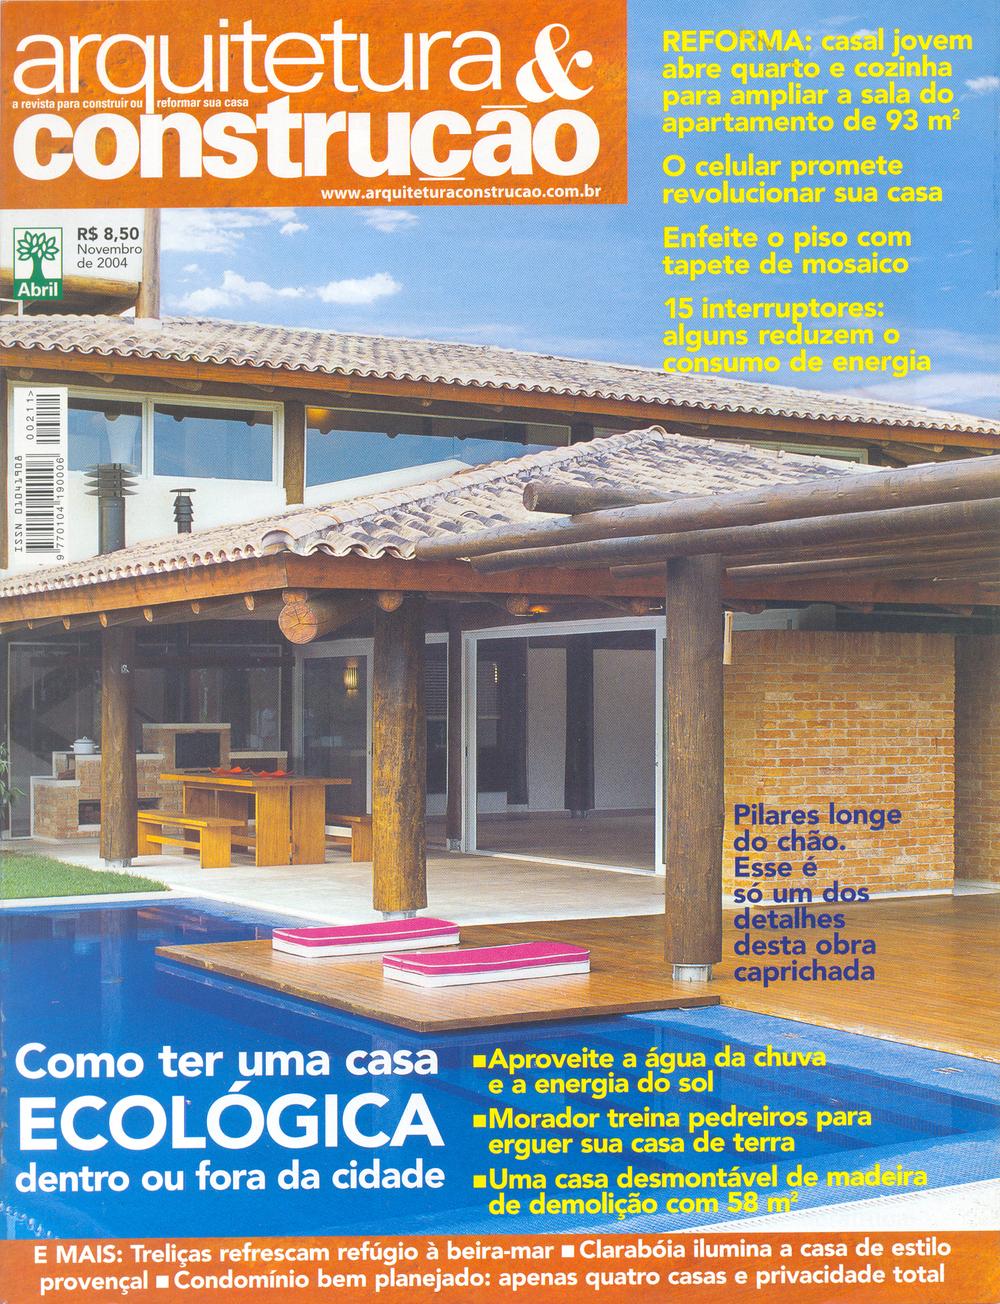 arquitetura e construção novembro 2004.jpg